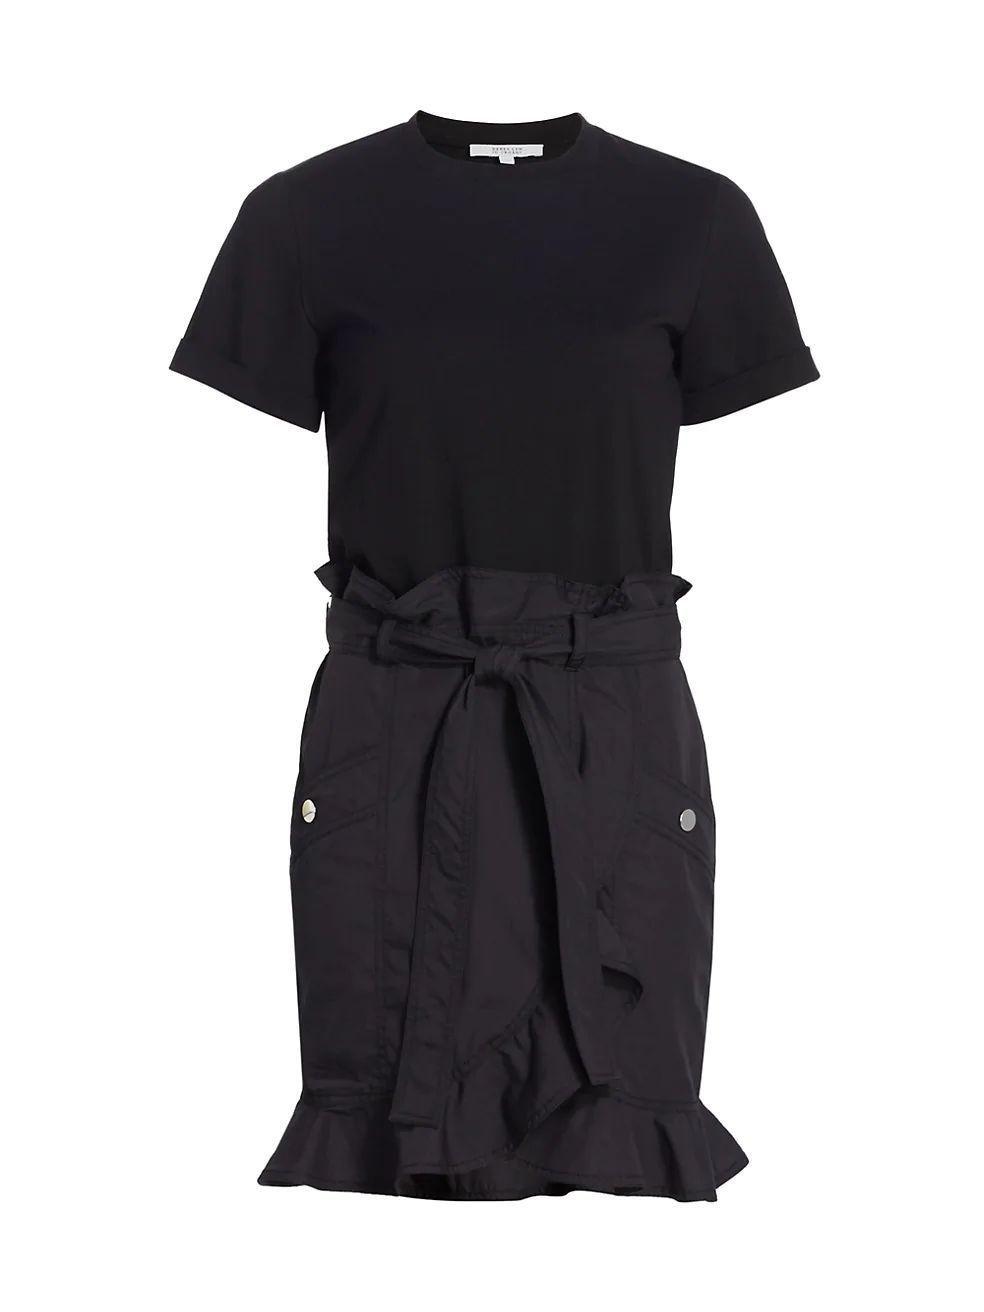 Hudson Mixed Media T- Shirt Dress Item # TR11522CJ